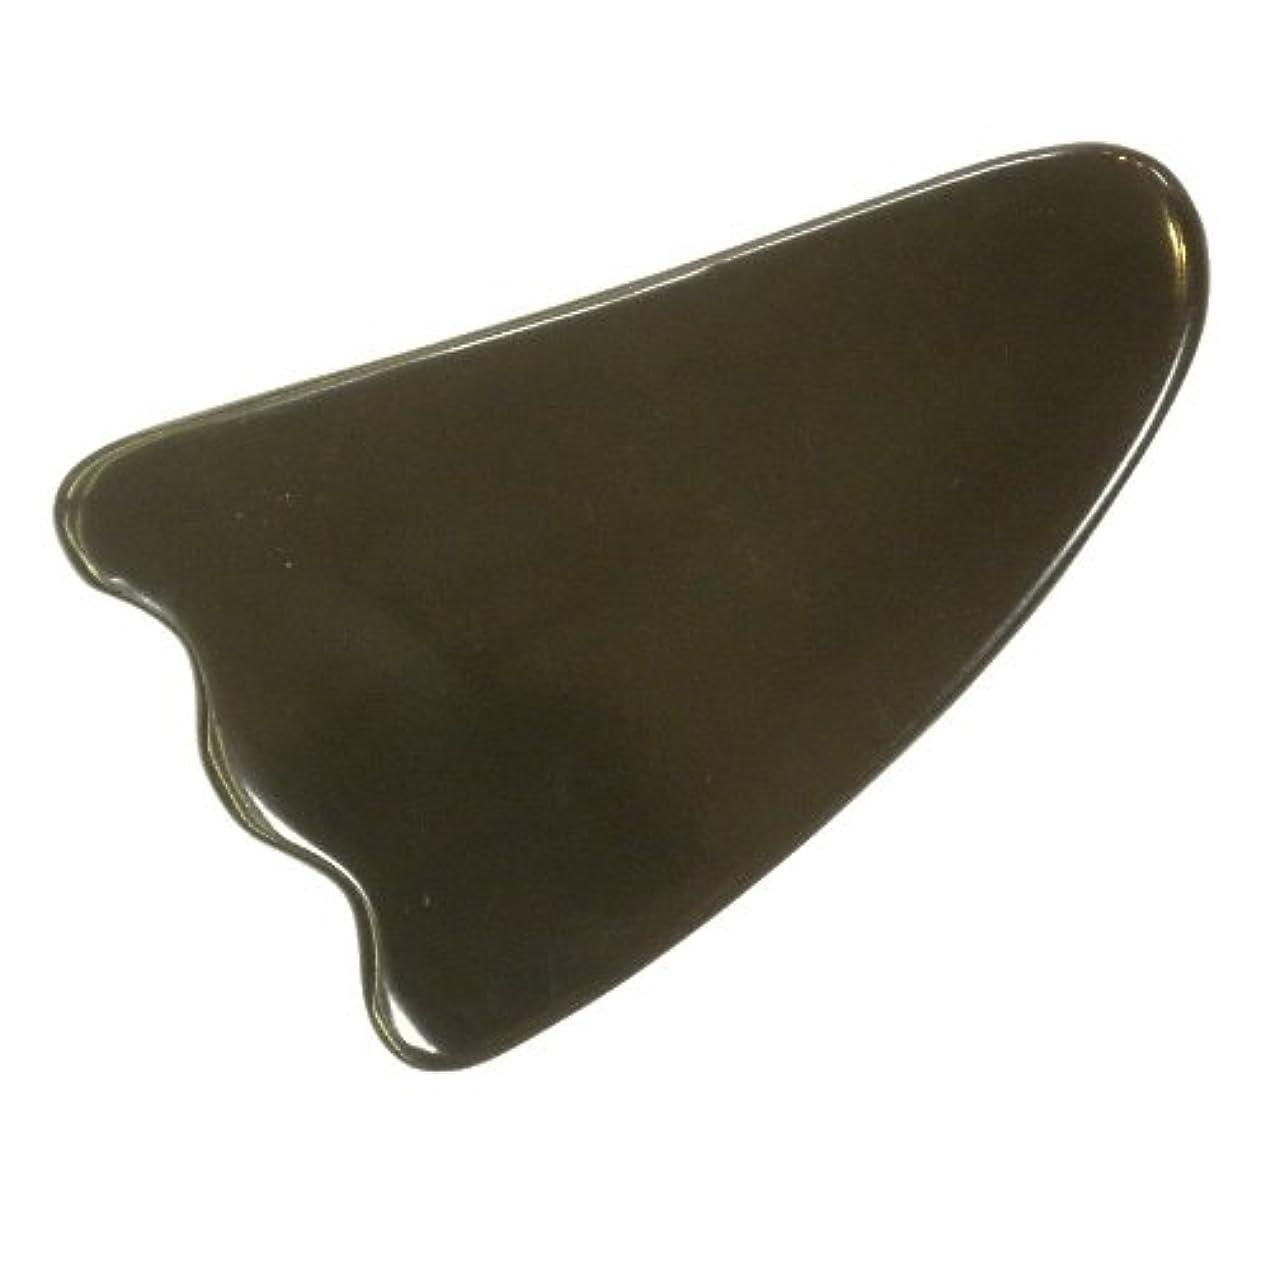 引き出す経歴鎮痛剤かっさ プレート 厚さが選べる 水牛の角(黒水牛角) EHE213SP 羽根型 特級品 標準(6ミリ程度)